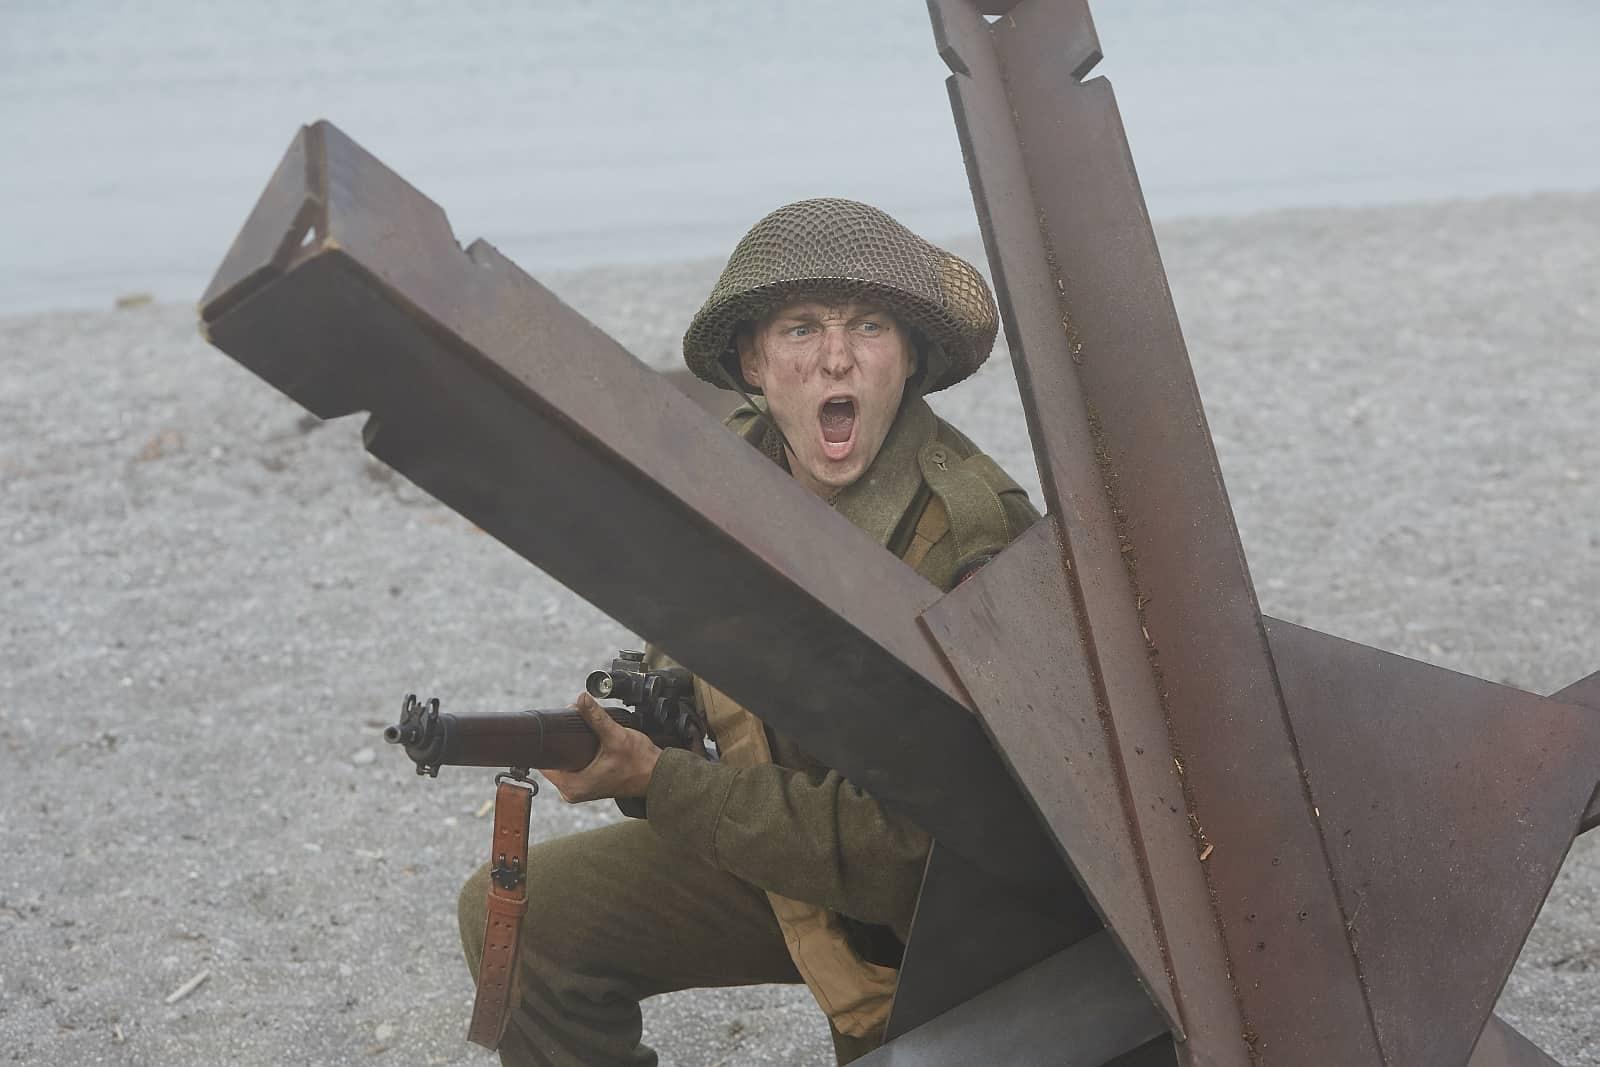 Juno Beach war der Strandabschnitt bei der Landung in der Normandie, in dem viele Kanadier kämpften und für ein freies Europa ihr Leben ließen. Foto © ZDFinfo